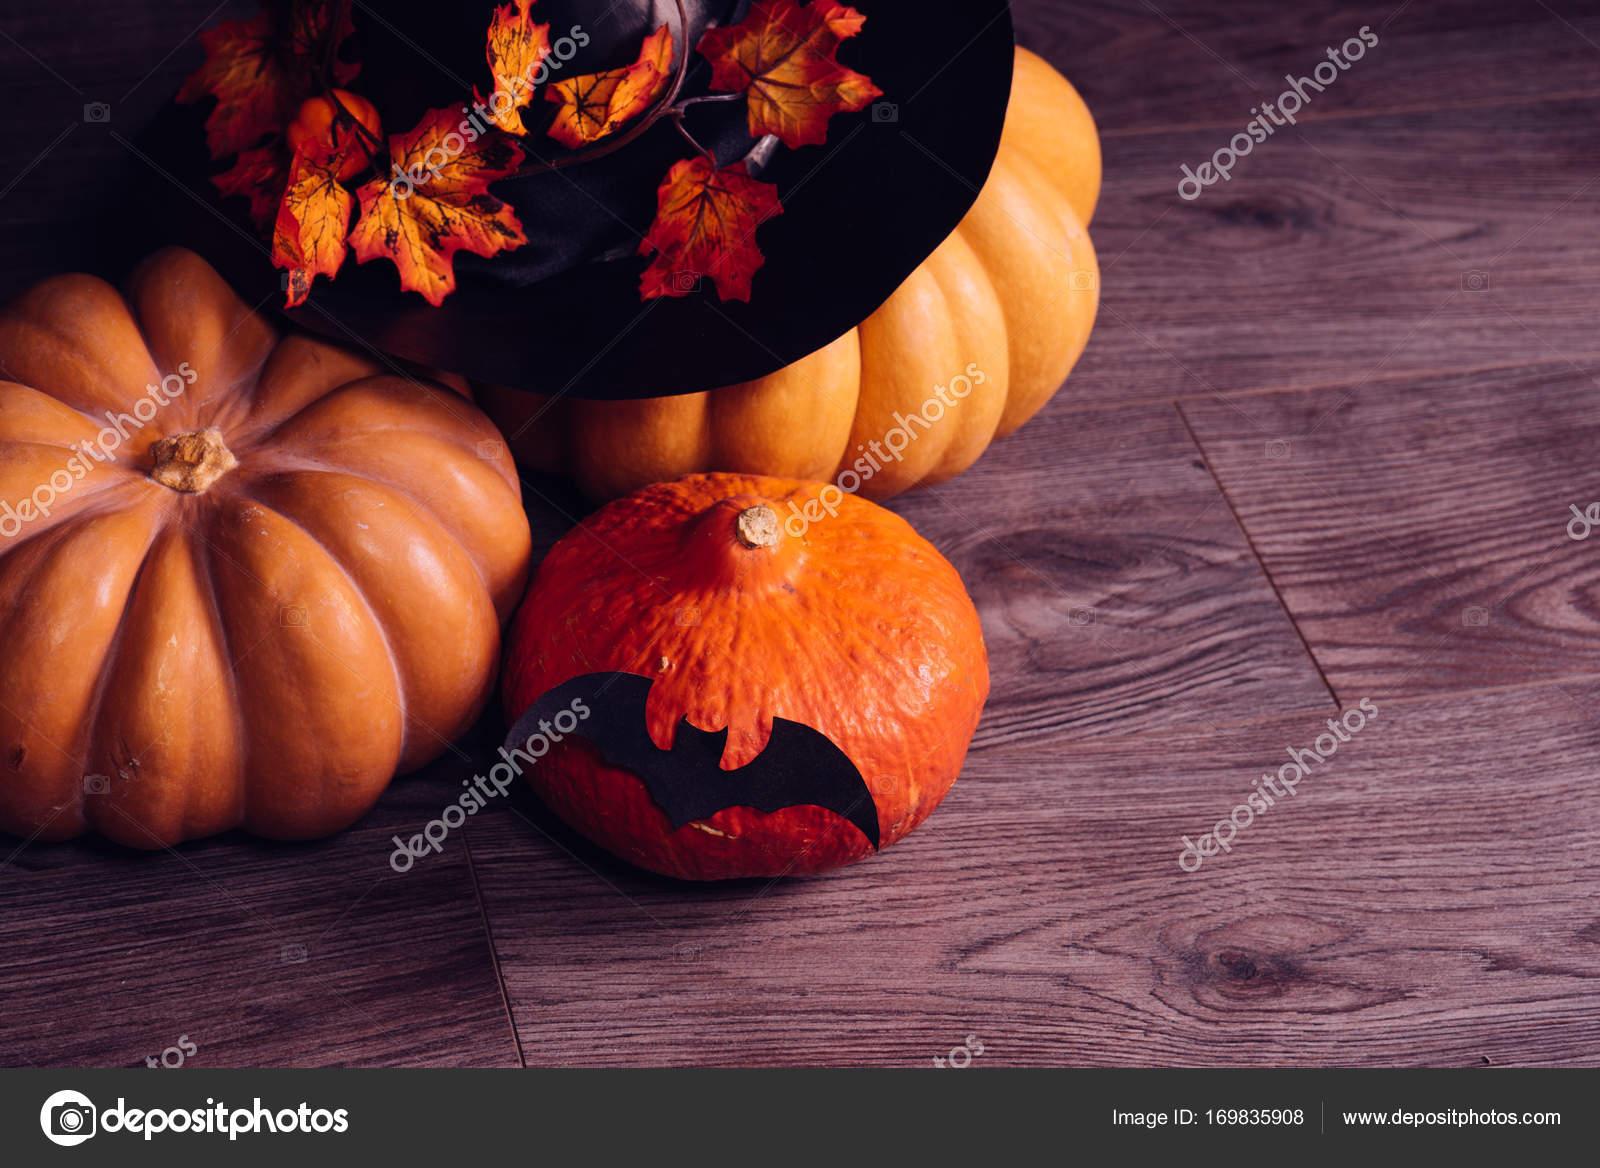 calabaza grande para halloween be8f4218712